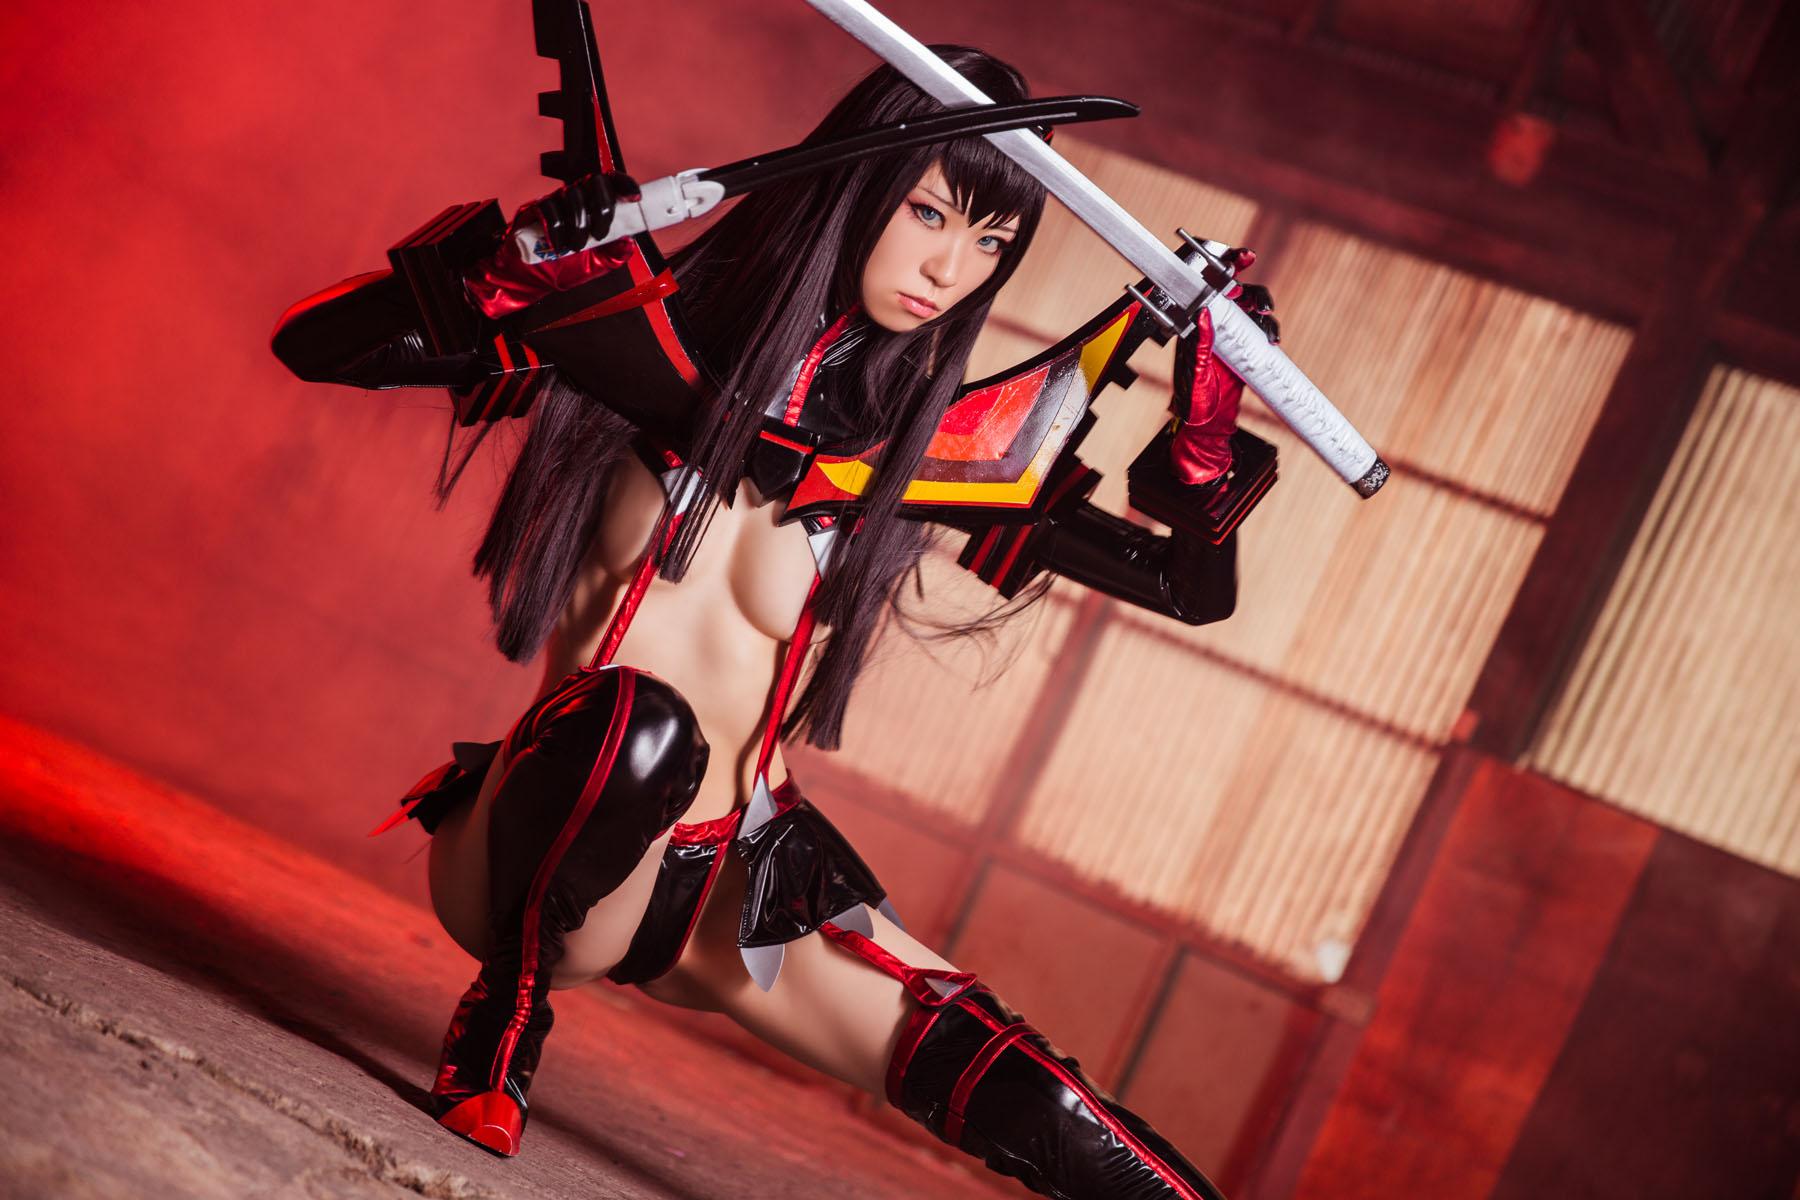 Kill la Kill Satsuki Kiryuuin anime cosplay by Mikehouse 0029